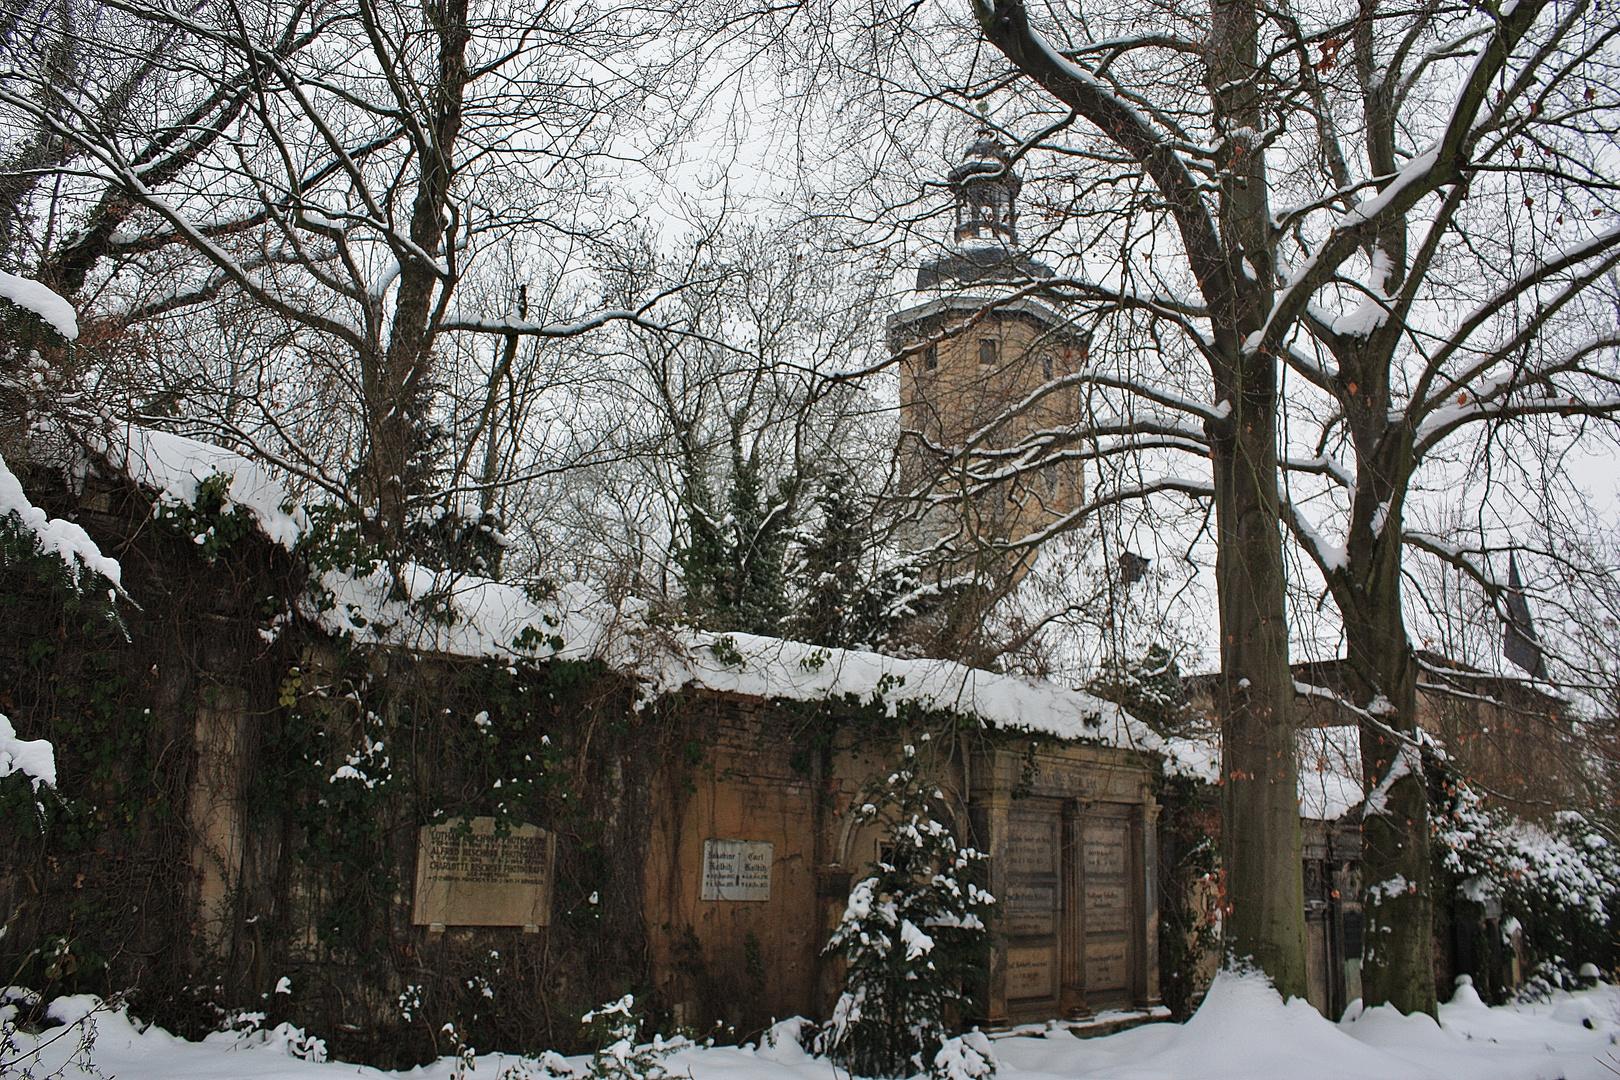 Friedenskirche auf dem historischen Friedhof in Jena